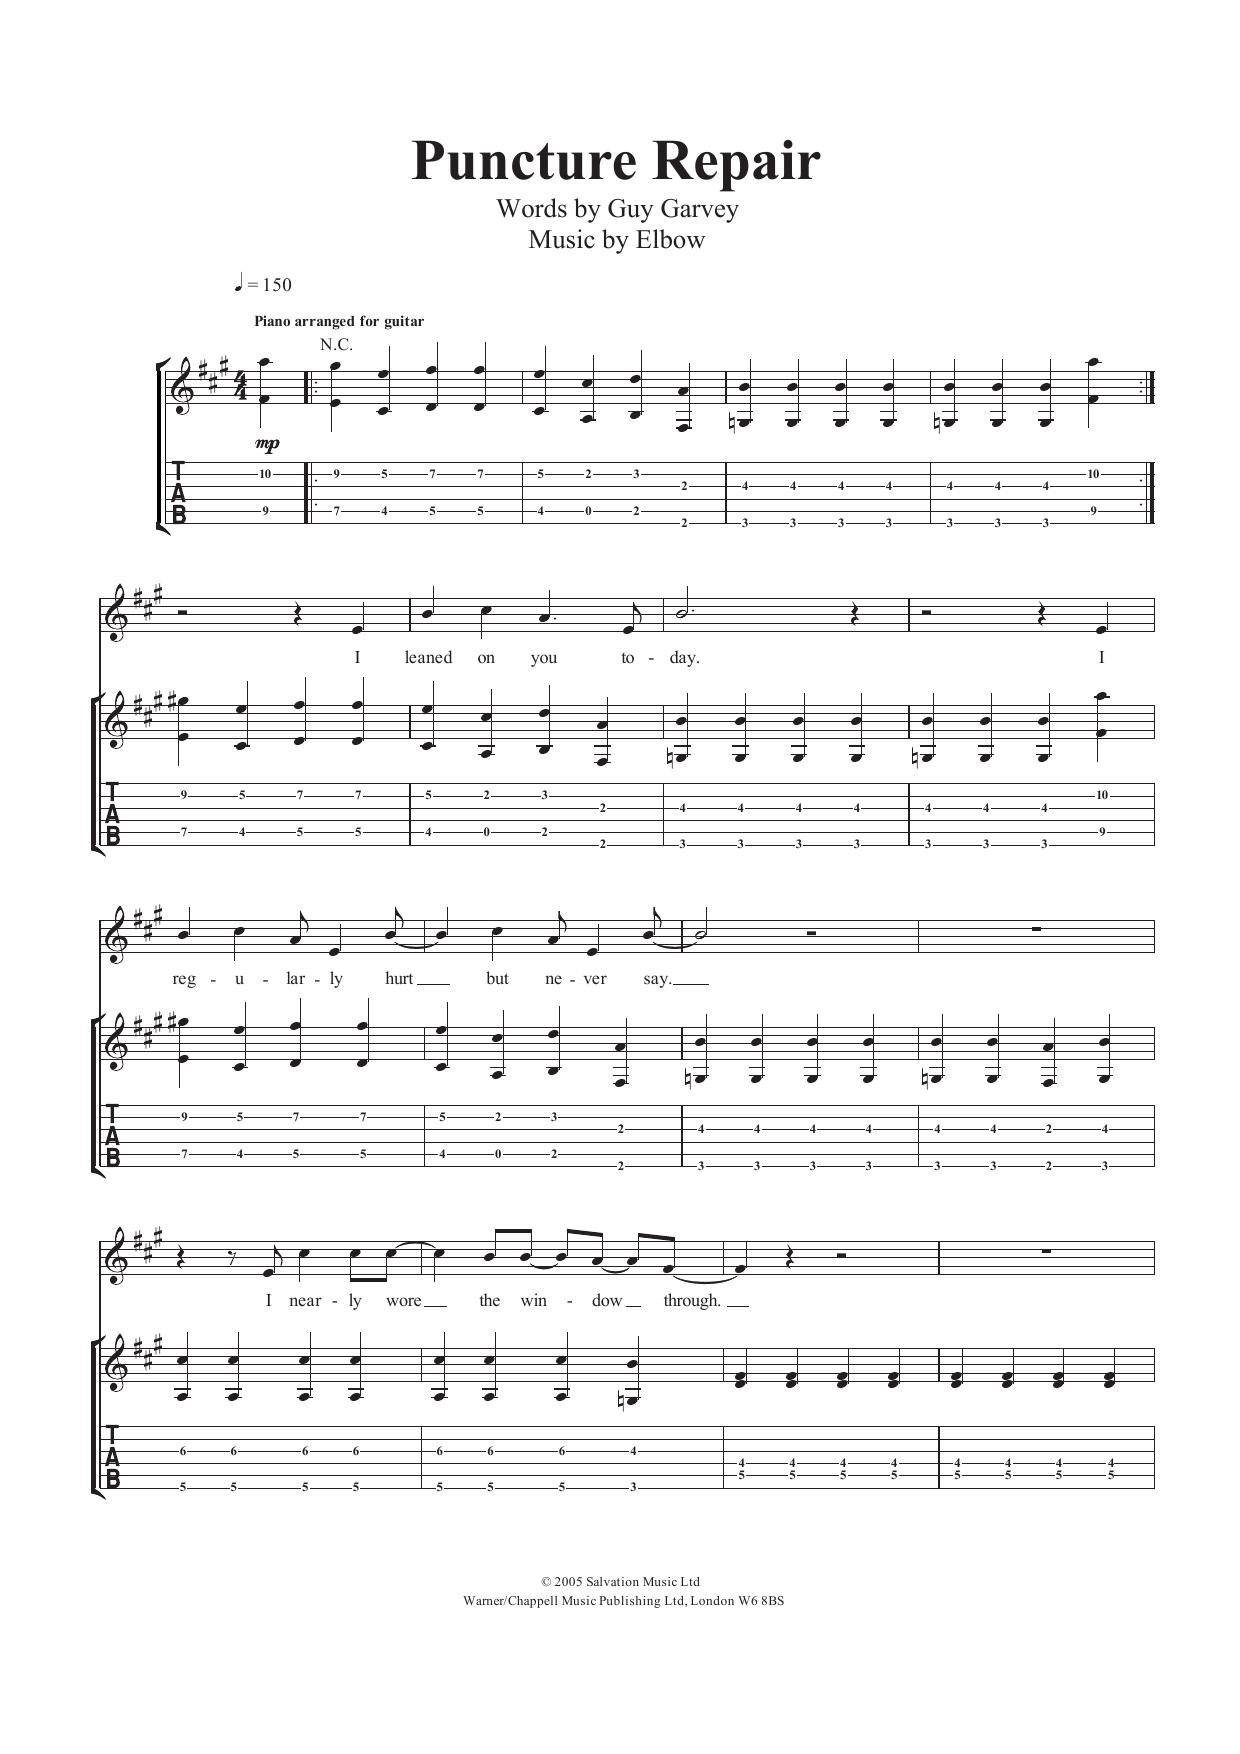 Puncture Repair Sheet Music